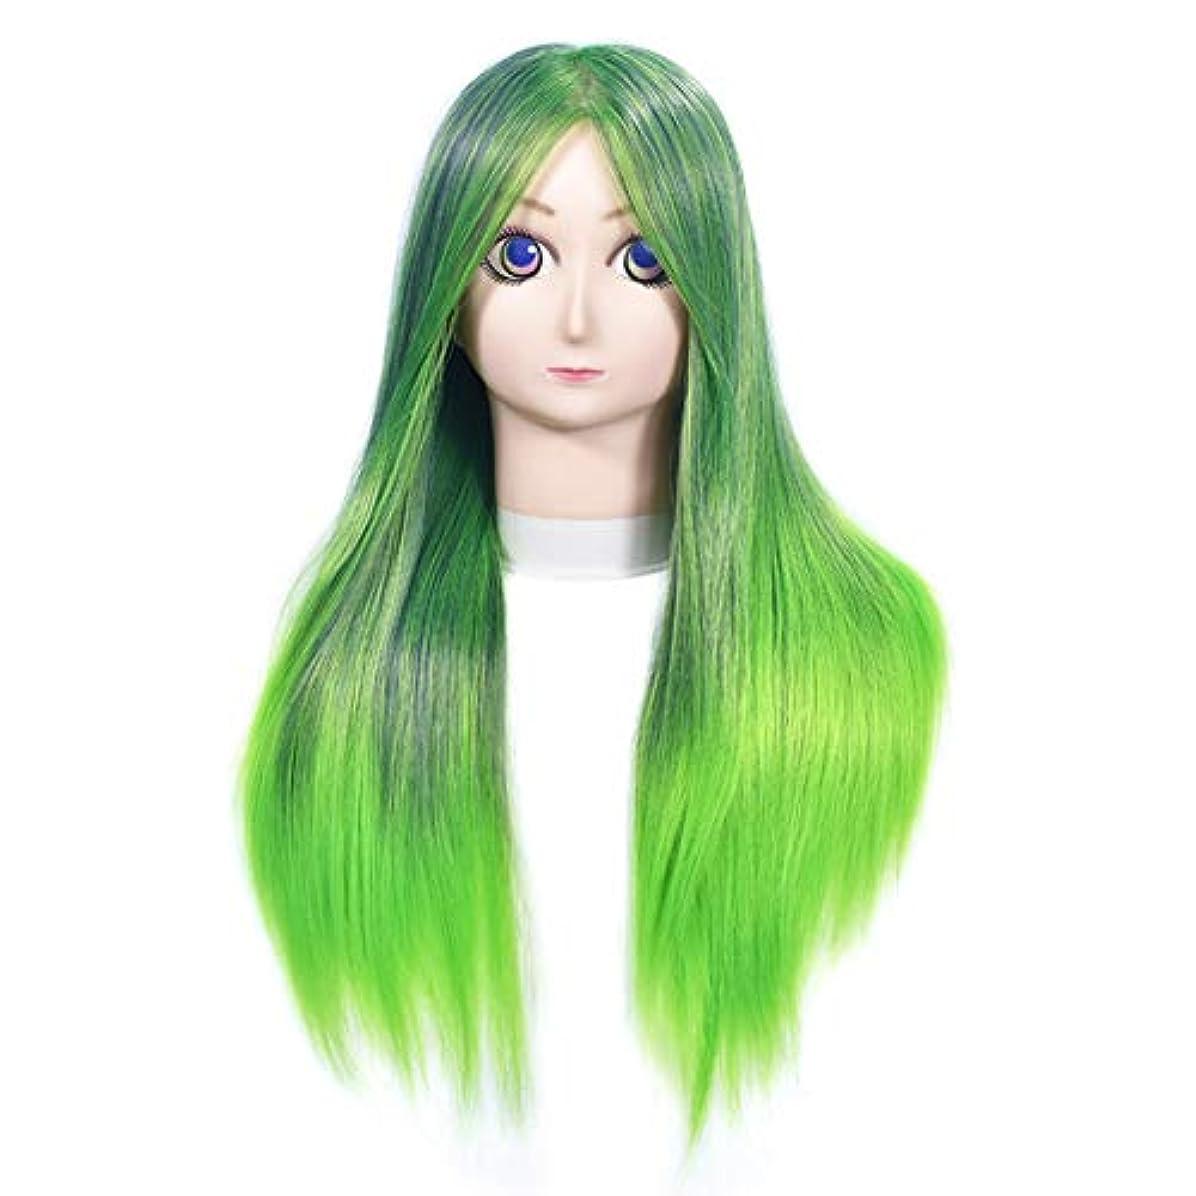 故意にぬれたヘビー高温シルクヘアスタイリングモデルヘッド女性モデルヘッドティーチングヘッド理髪店編組髪染め学習ダミーヘッド,gradientgreen